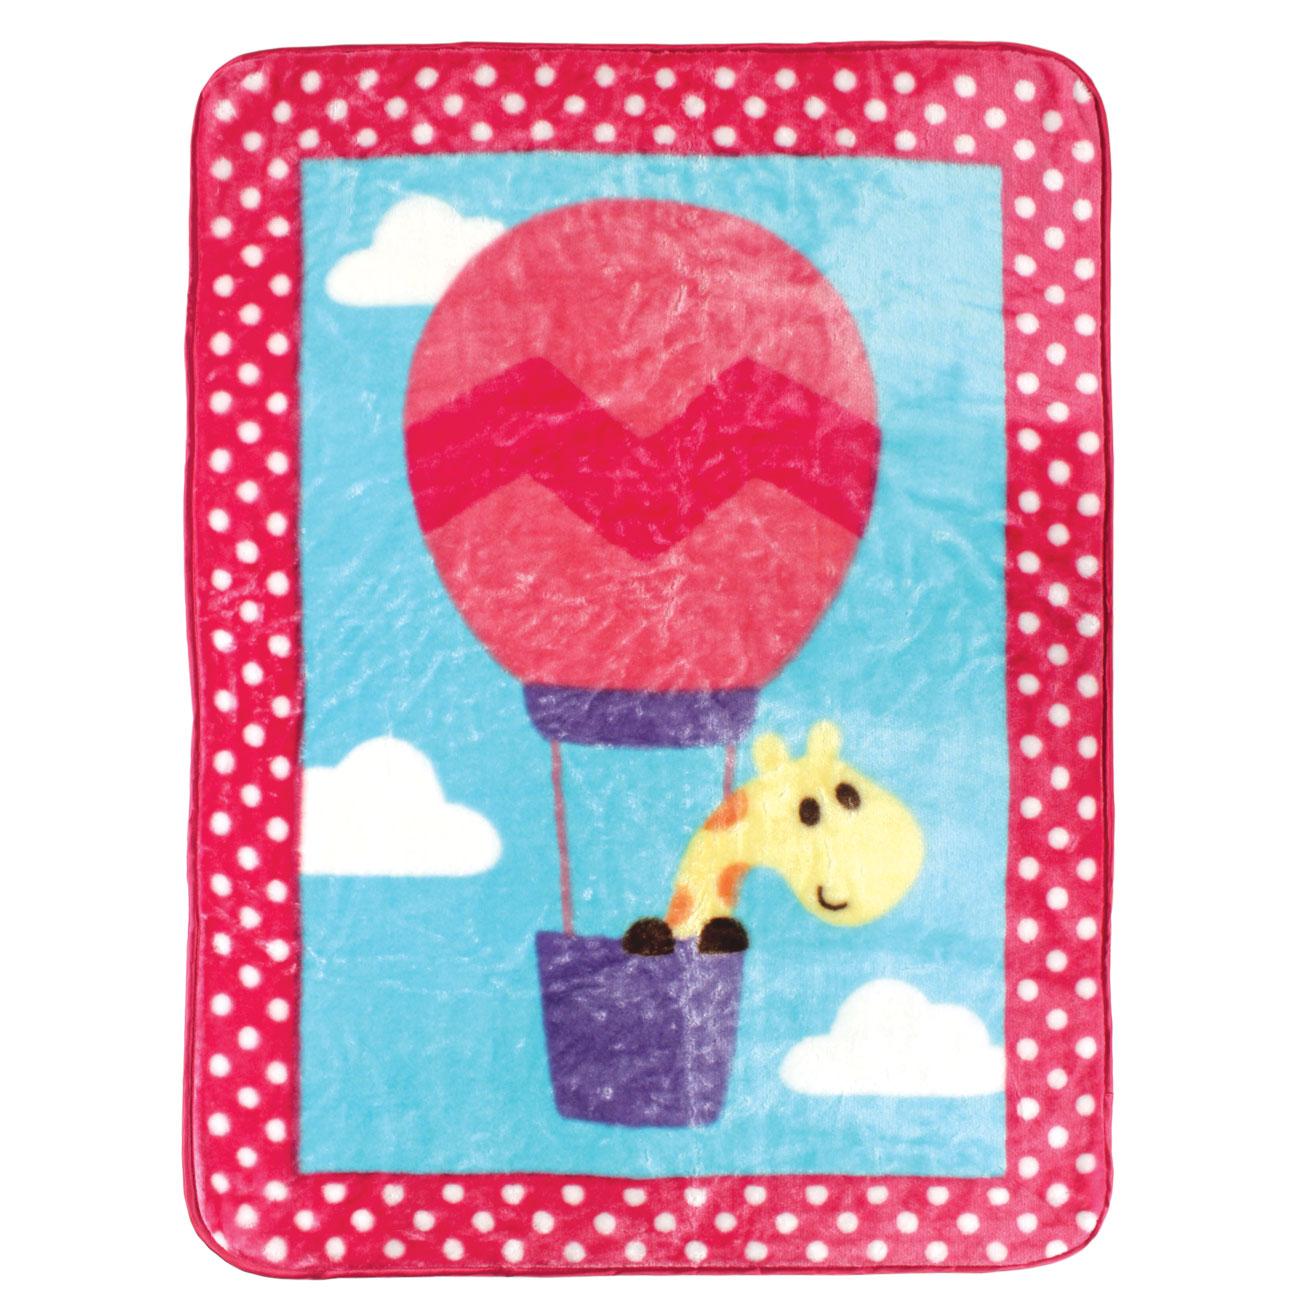 Плед детский Веселые забавы, цвет: розовый, 76 см х 101 см45838_розовыйМягкий и уютный детский плед Веселые забавы, изготовленный из флиса, словно создан для того, чтобы окружить теплотой и радостью маленькую кроху. Он прекрасно подходит для укрывания малыша, как дома, так и на прогулке в коляске. Мягкая фактура с длинным ворсом приятна на ощупь, согревает малыша, создает комфорт и уют. Плед привлекает внимание за счет своего яркого и веселого принта по всей поверхности. Благодаря размерам и практичному материалу плед очень удобен в использовании. Детский плед Веселые забавы - лучший выбор родителей, которые хотят подарить ребенку ощущение комфорта и надежности уже с первых дней жизни. Рекомендации по уходу: - не гладить; - не отбеливать; - стирка при температуре не более 40°С; - сушка в барабане при более низкой температуре; - сухая чистка запрещена.